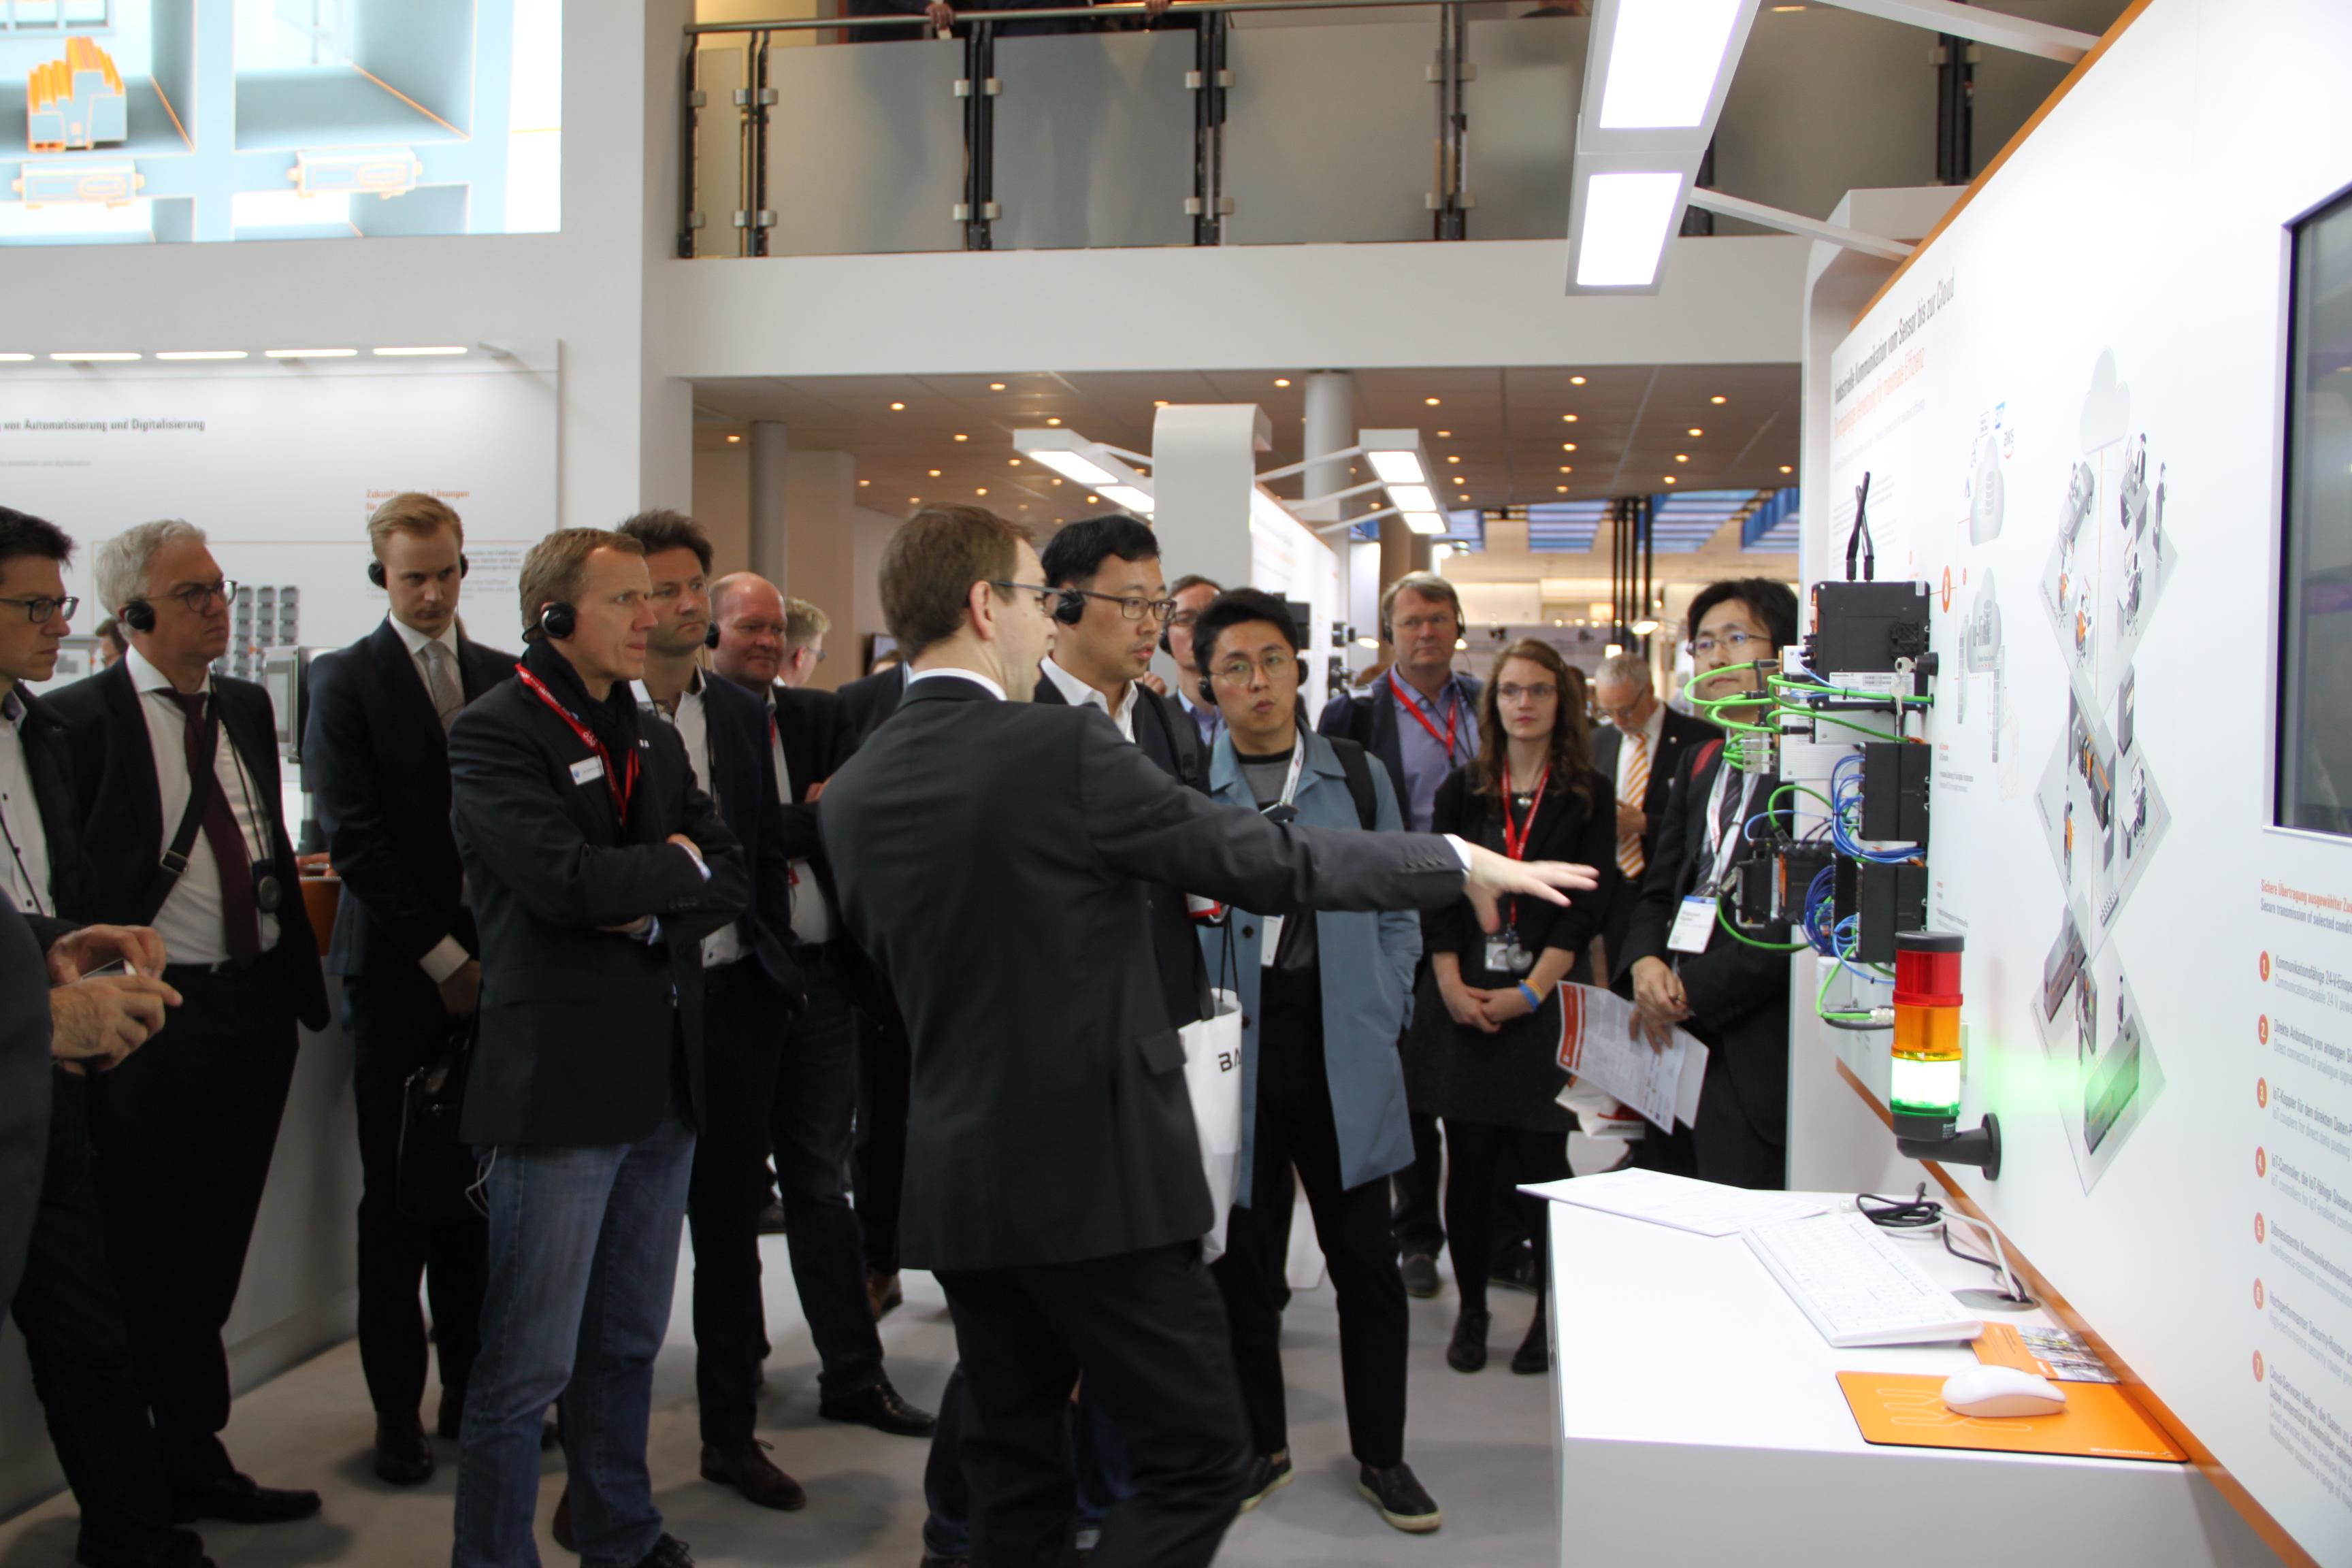 Connect & Collaborate: Die KG IoT erörtert auf der Hannover Messe die Erfolgsfaktoren der Industrie 4.0 (Nachbericht) 3